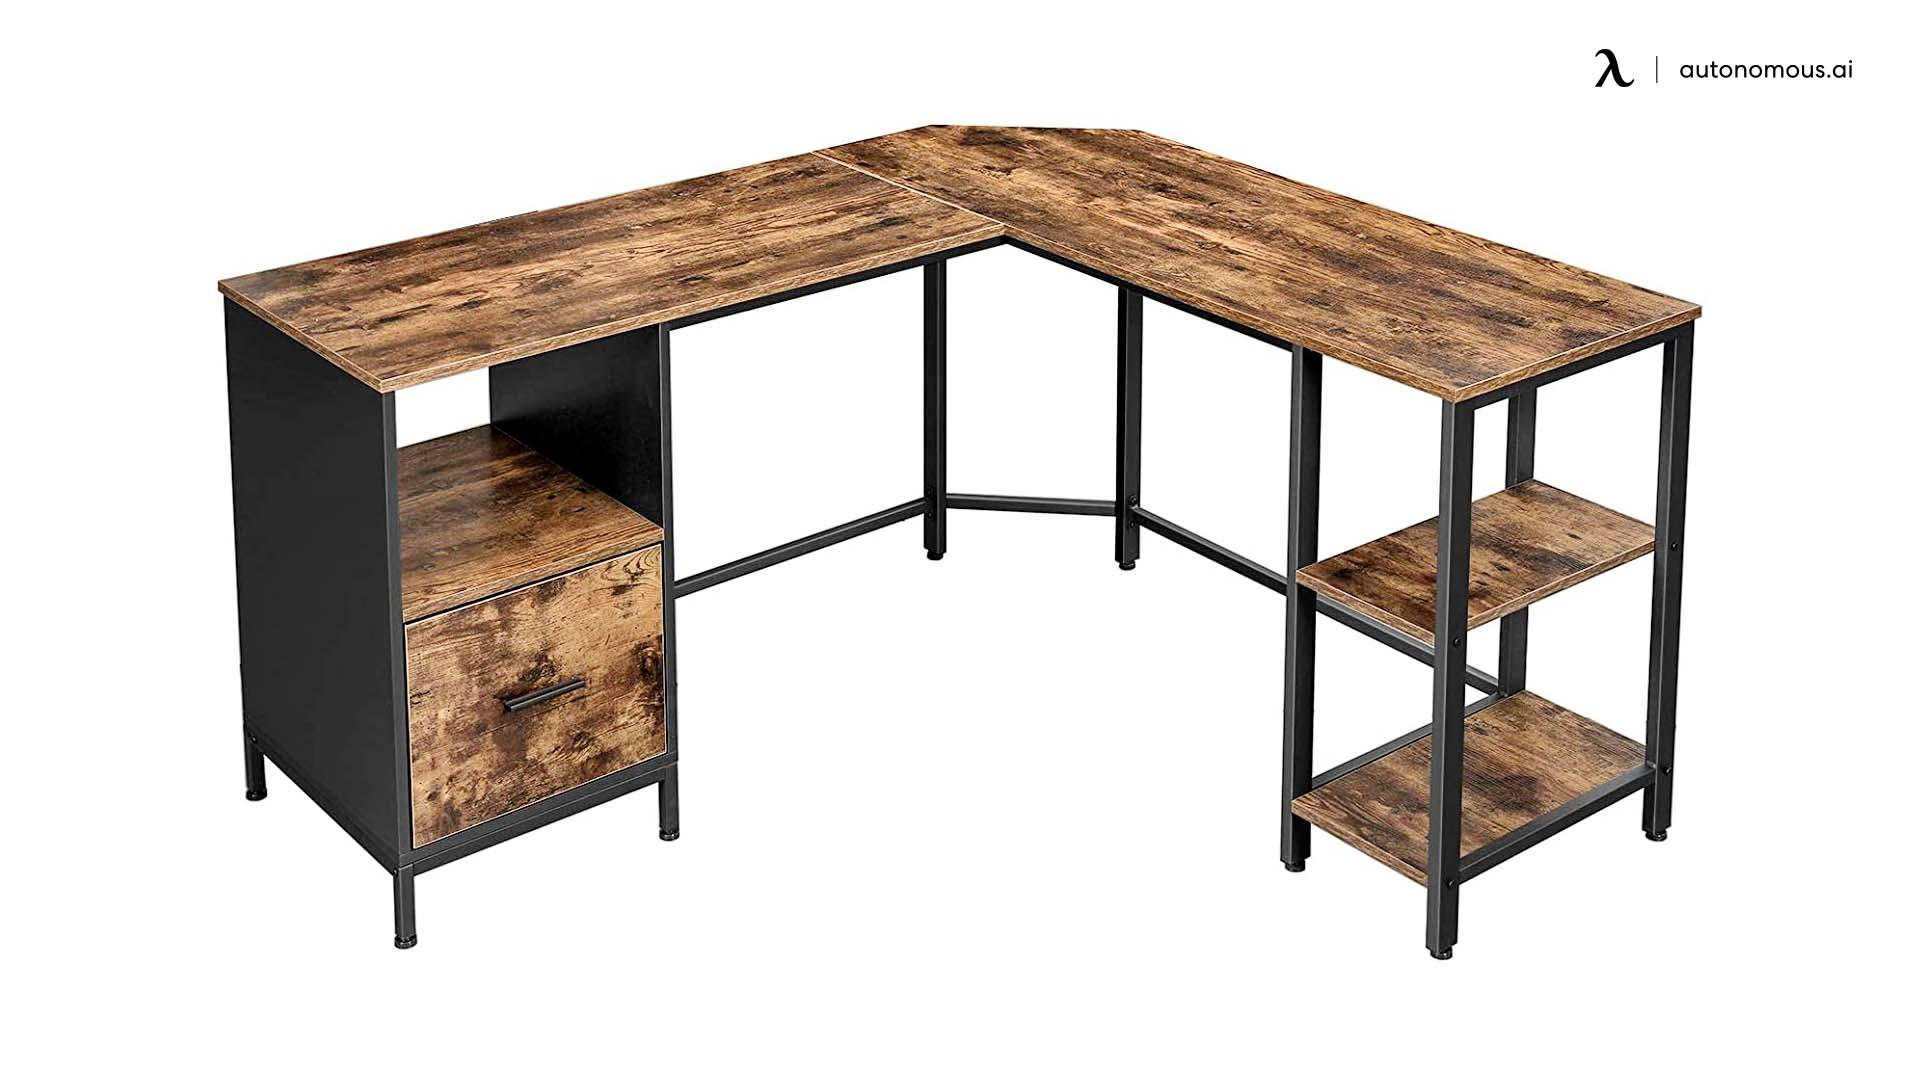 Vasagle File Cabinet L-Shaped Desk